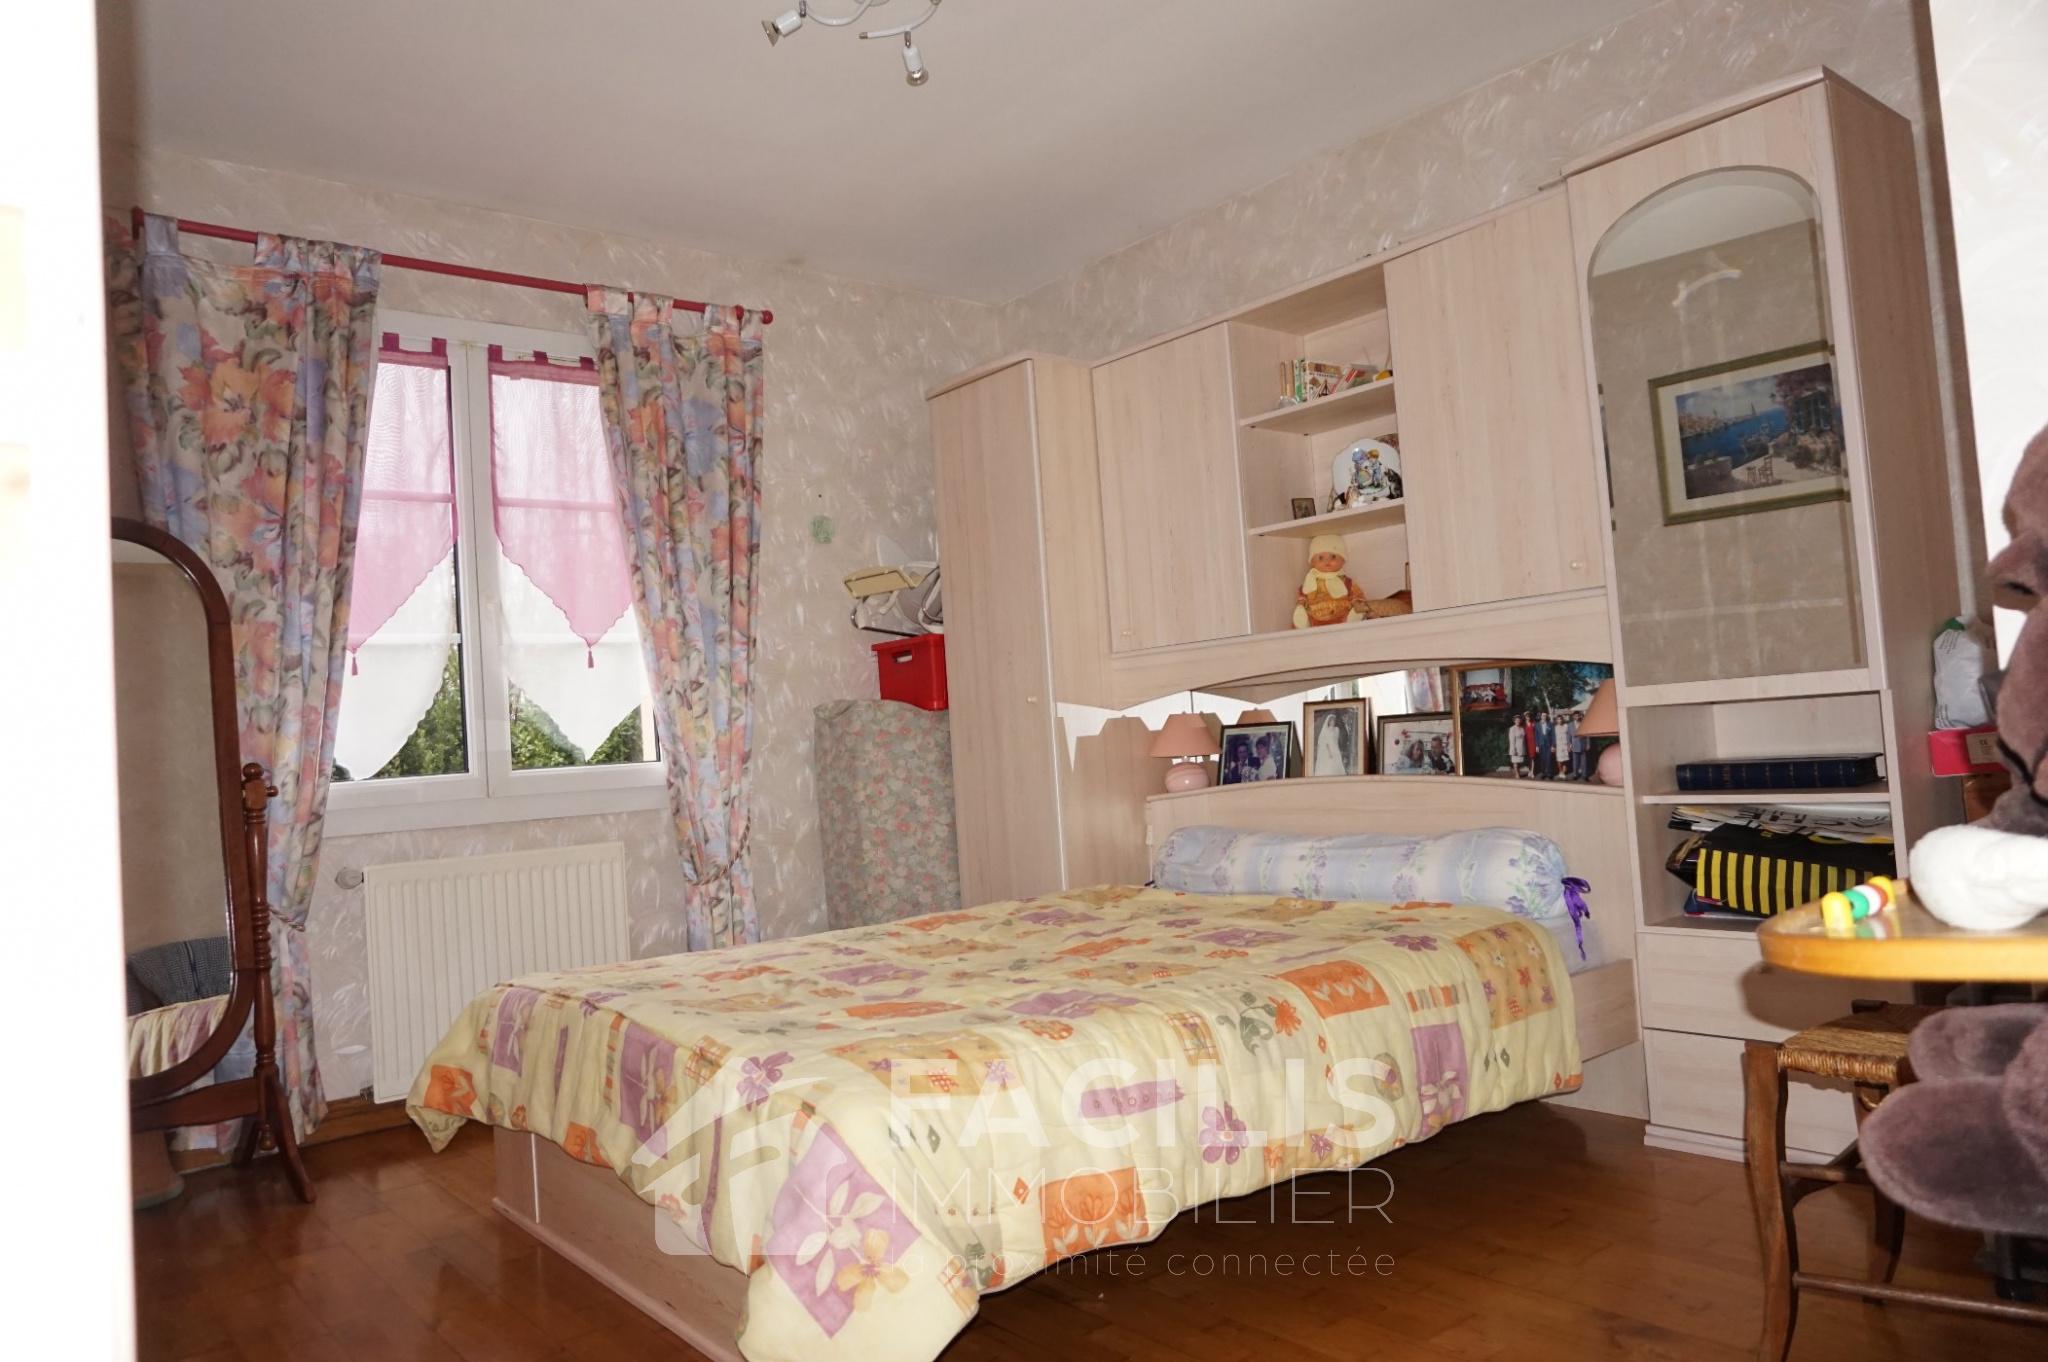 Vente maison 5 ch 170 m2 for Agrandissement maison 170 m2